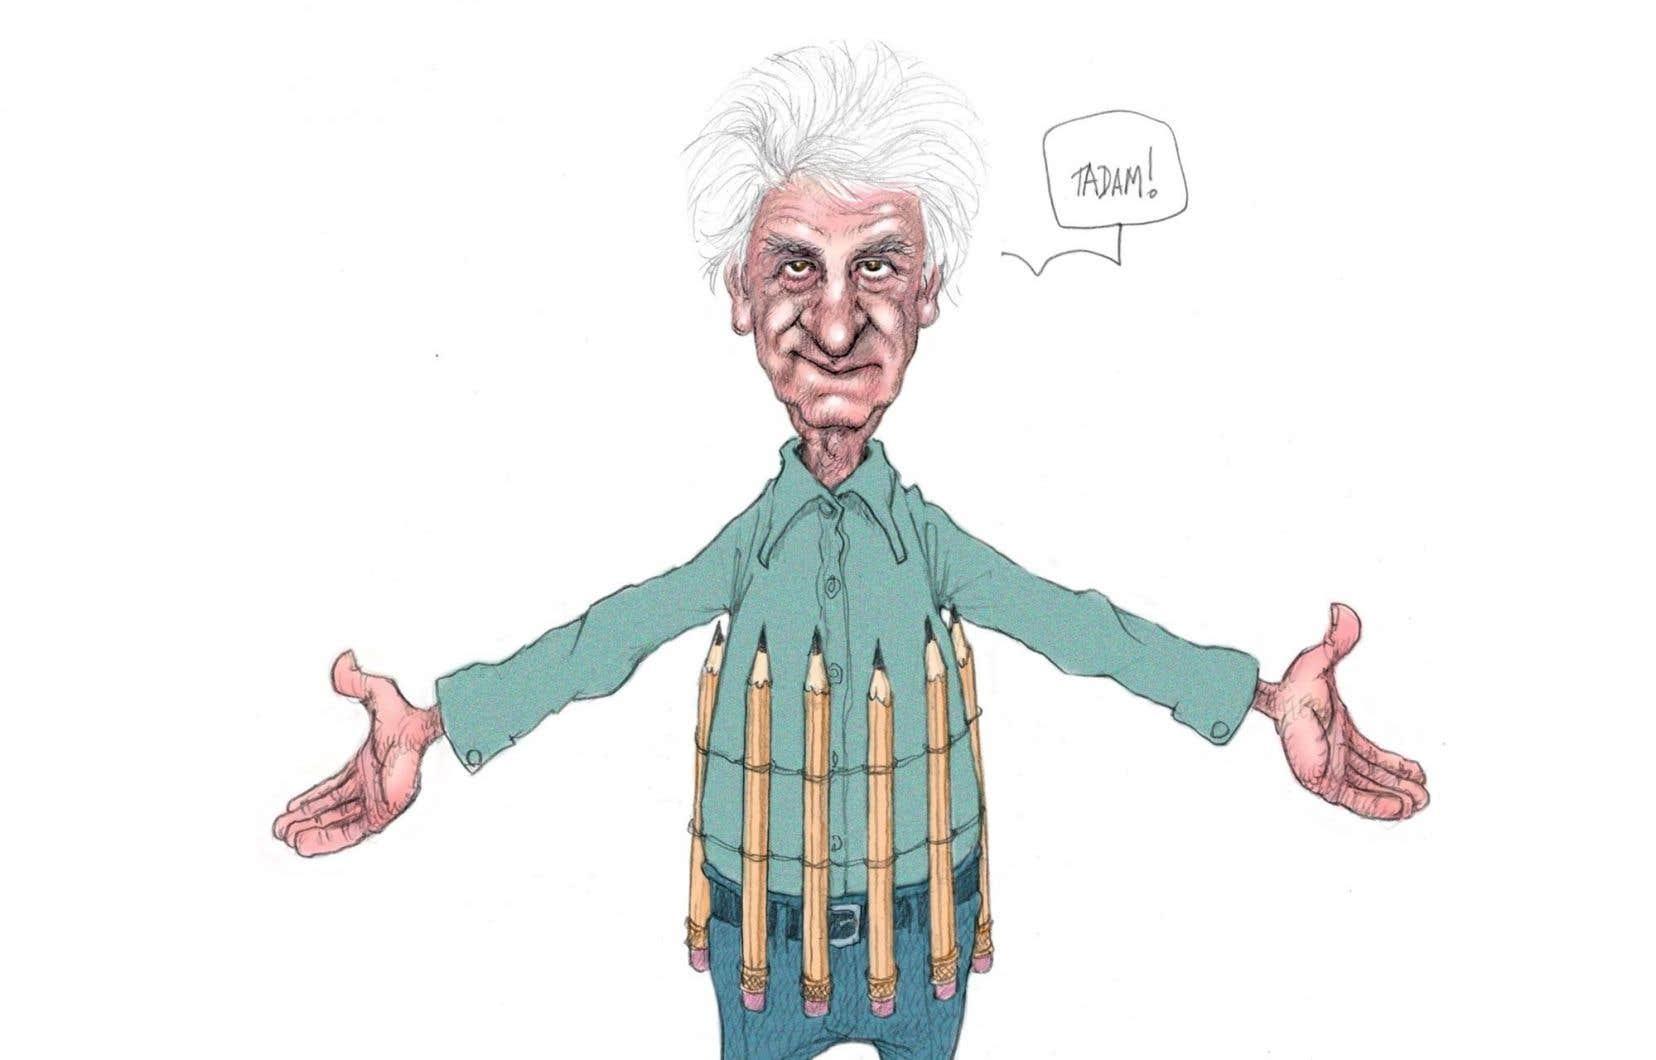 Le Musée McCord rassemble 150 esquisses et illustrations du caricaturiste Serge Chapleau. Sur l'illustration, <em>Autoportrait à l'arme de destruction massive</em> (Serge Chapleau, <em>La Presse</em>, 18 février 2006).